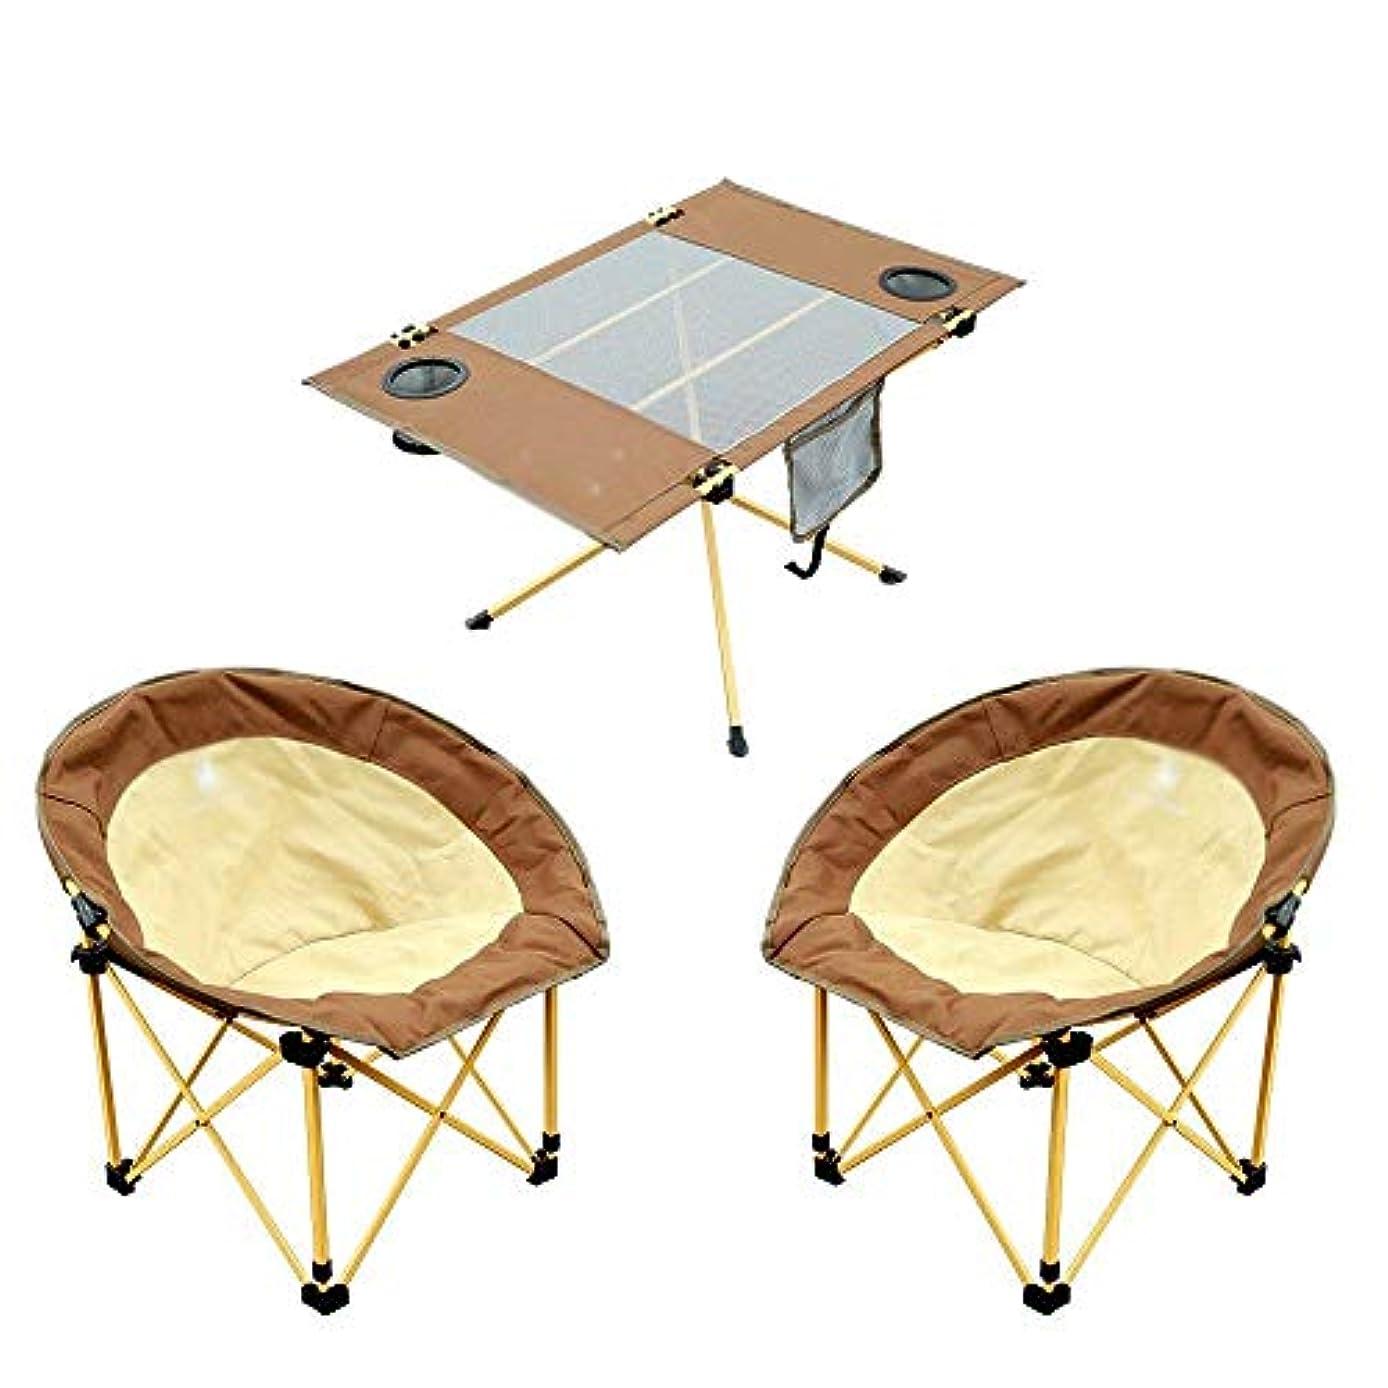 冗長誓い中でポータブル折りたたみ式テーブル屋外ピクニック用テーブルポータブルバーベキューピクニック用テーブル多機能折りたたみ式テーブル、マルチスタイルオプション Carl Artbay (サイズ さいず : B)